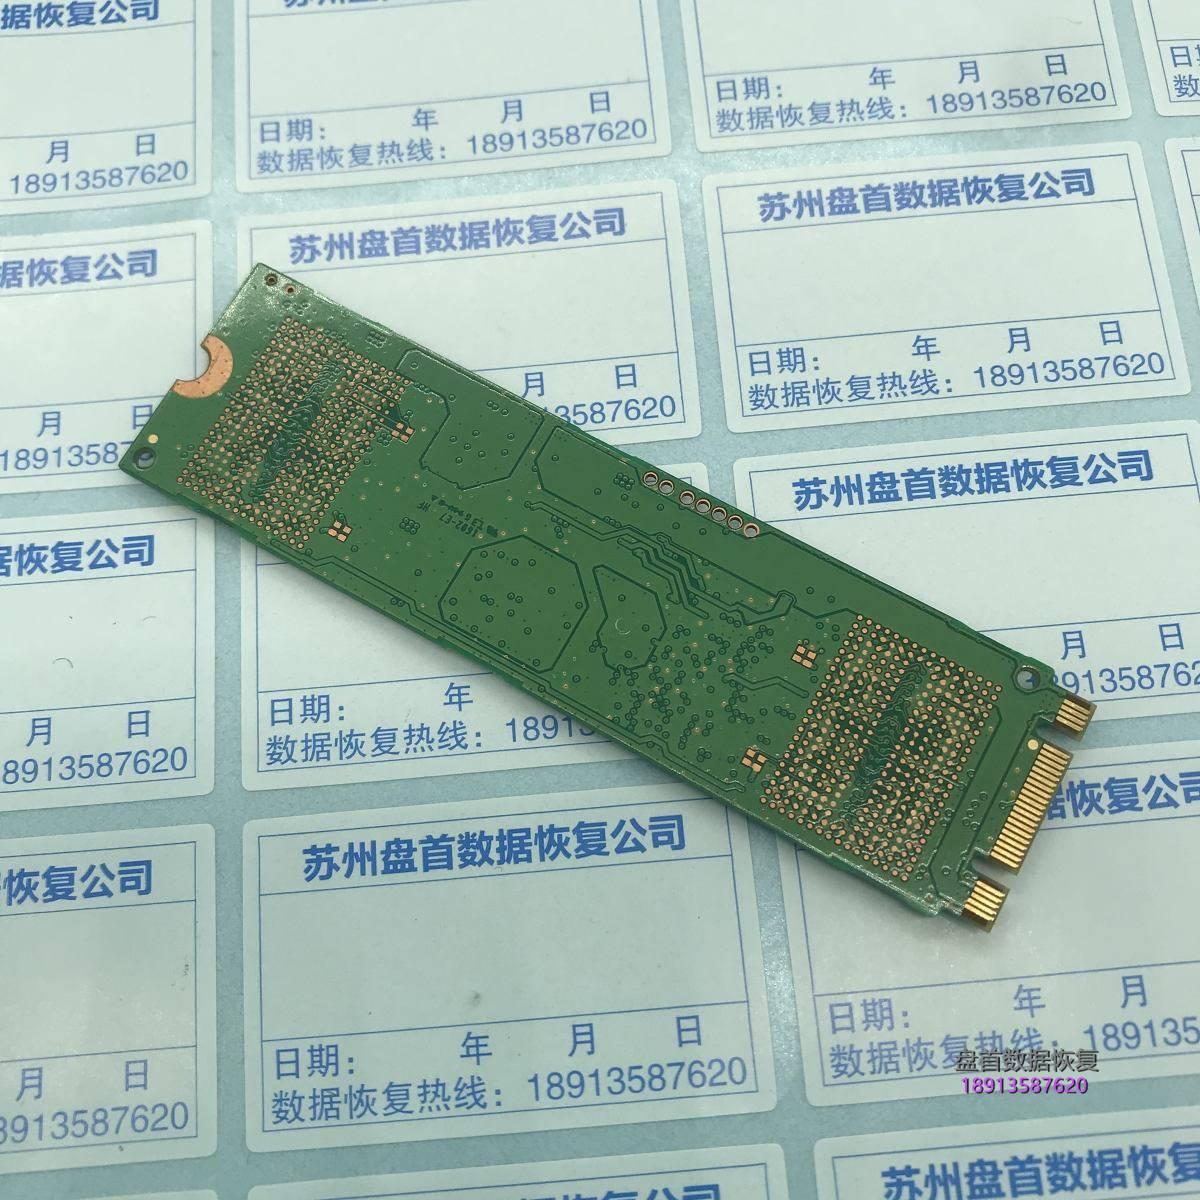 三星PM871 MZNLN256HCHP-000H1 SSD无法识别BitLocker分区加密数据恢复成功